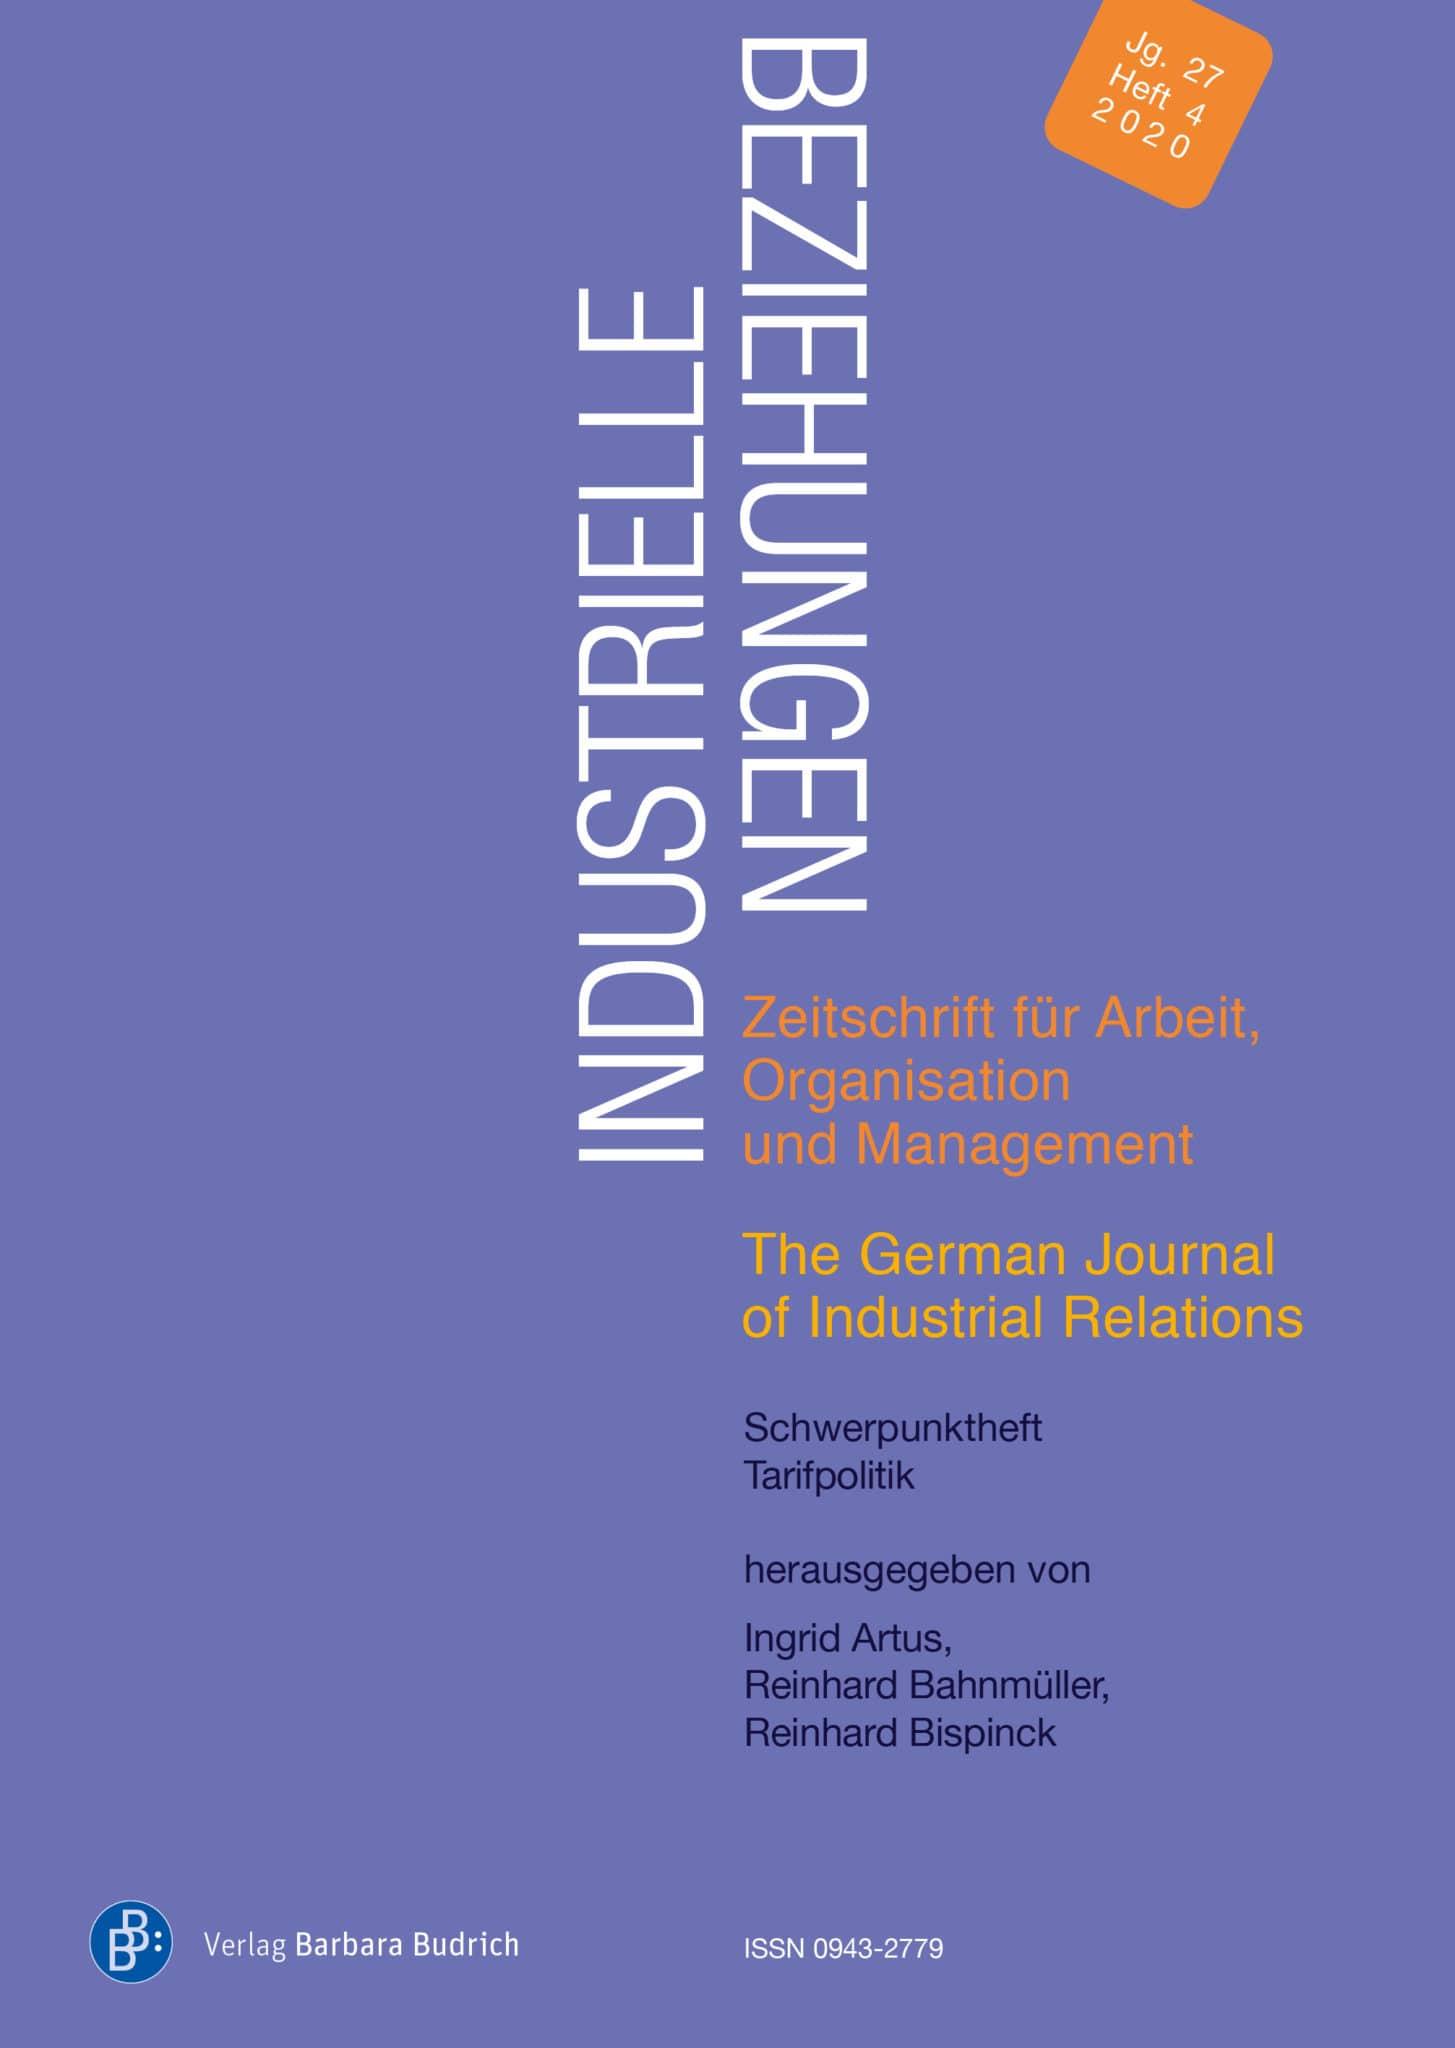 Industrielle Beziehungen. Zeitschrift für Arbeit, Organisation und Management